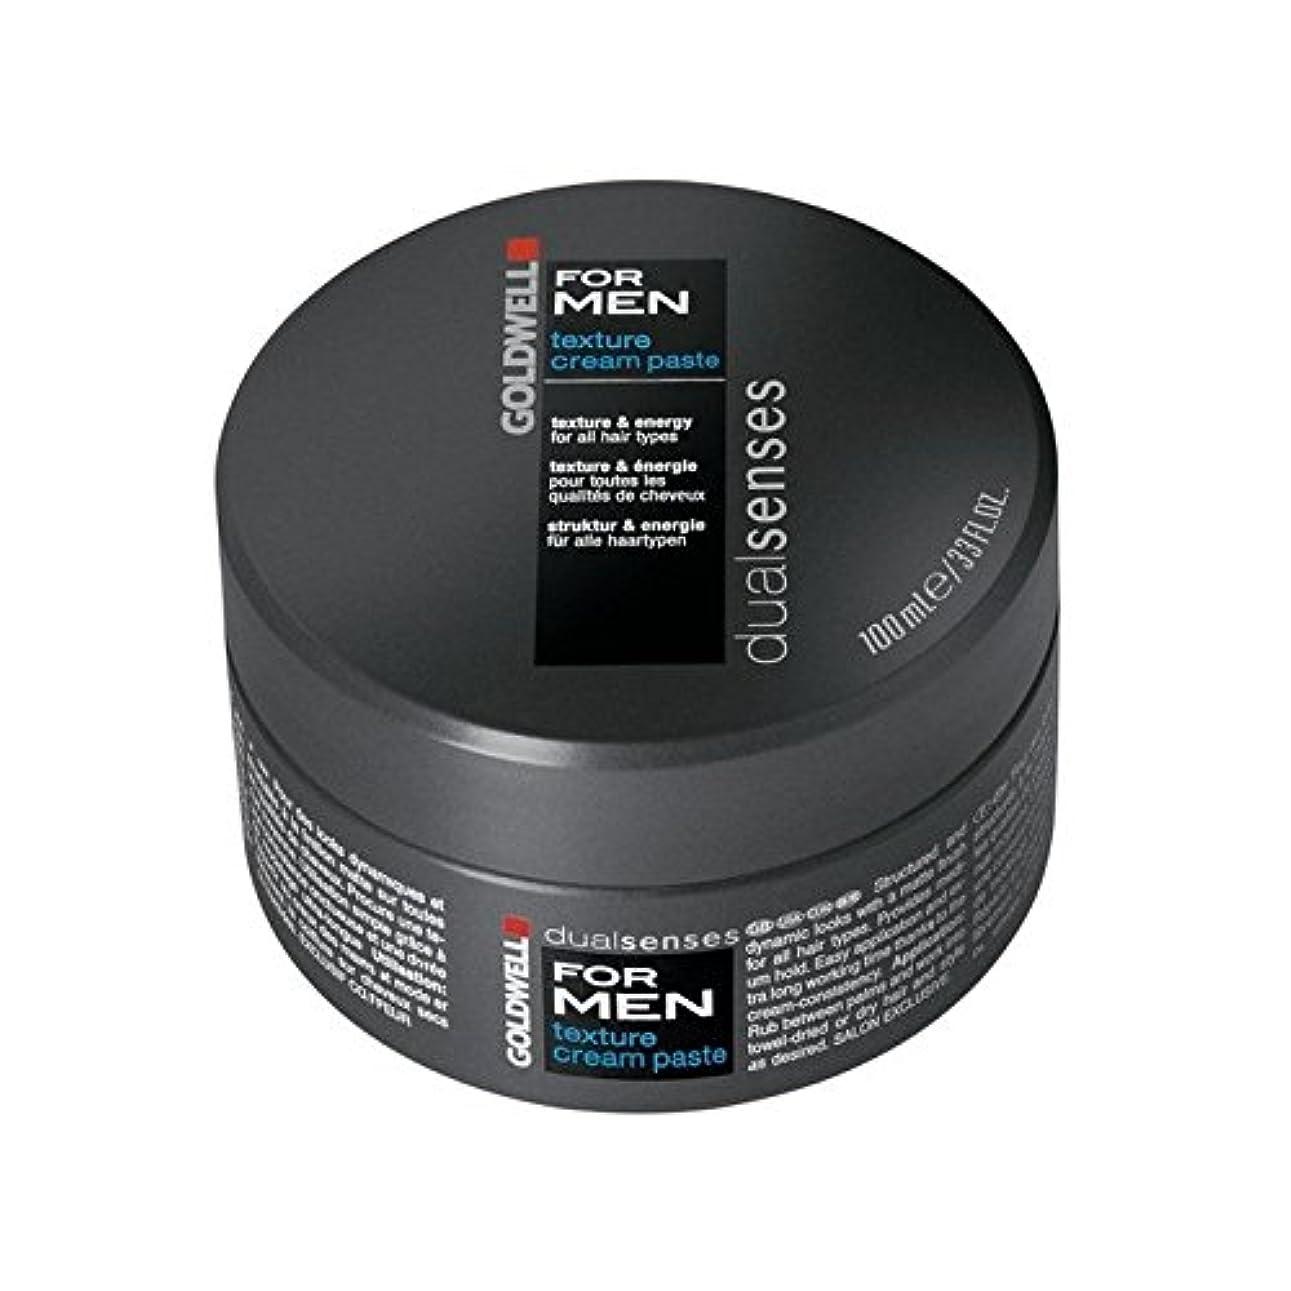 午後ゴネリルシンプルさGoldwell Dualsenses For Men Texture Cream Paste (100ml) (Pack of 6) - 男性のテクスチャーのクリームペースト(100ミリリットル)のためのの x6 [並行輸入品]